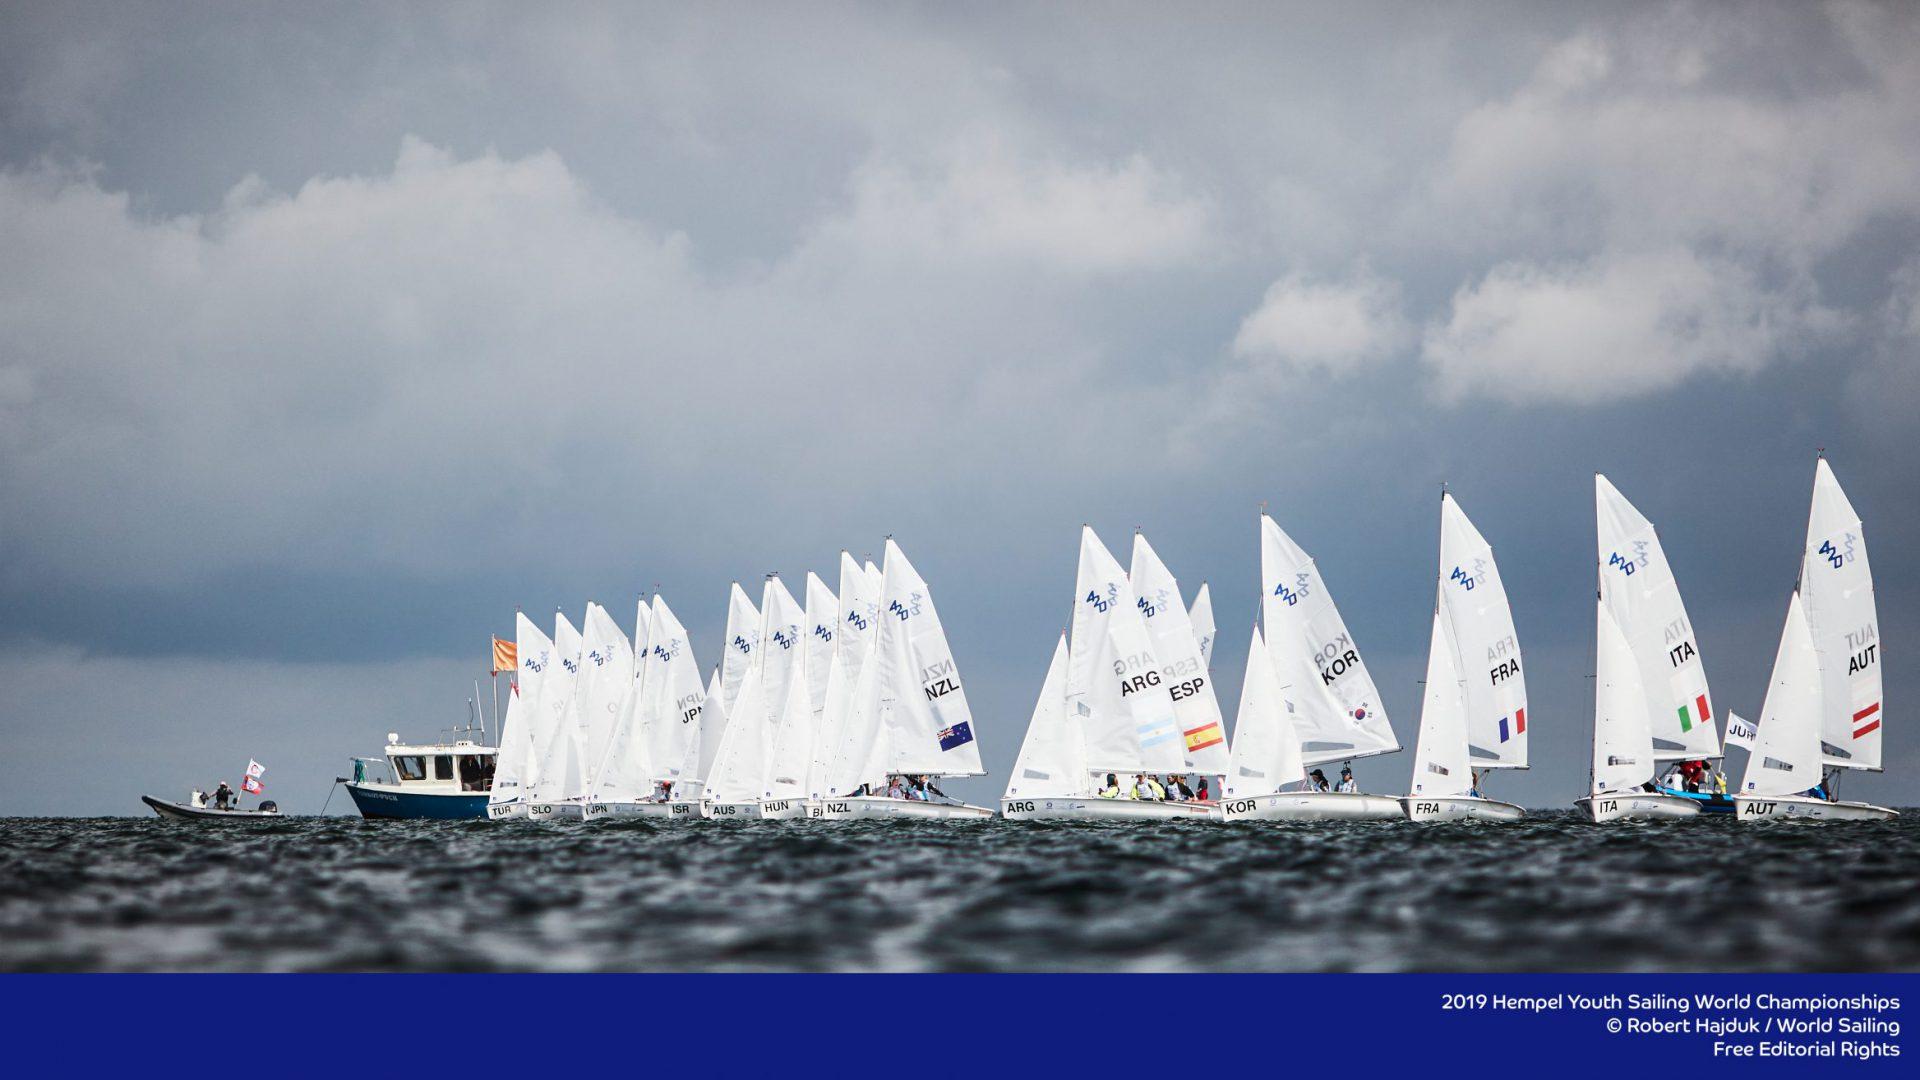 Hempel Youth Sailing World Championships